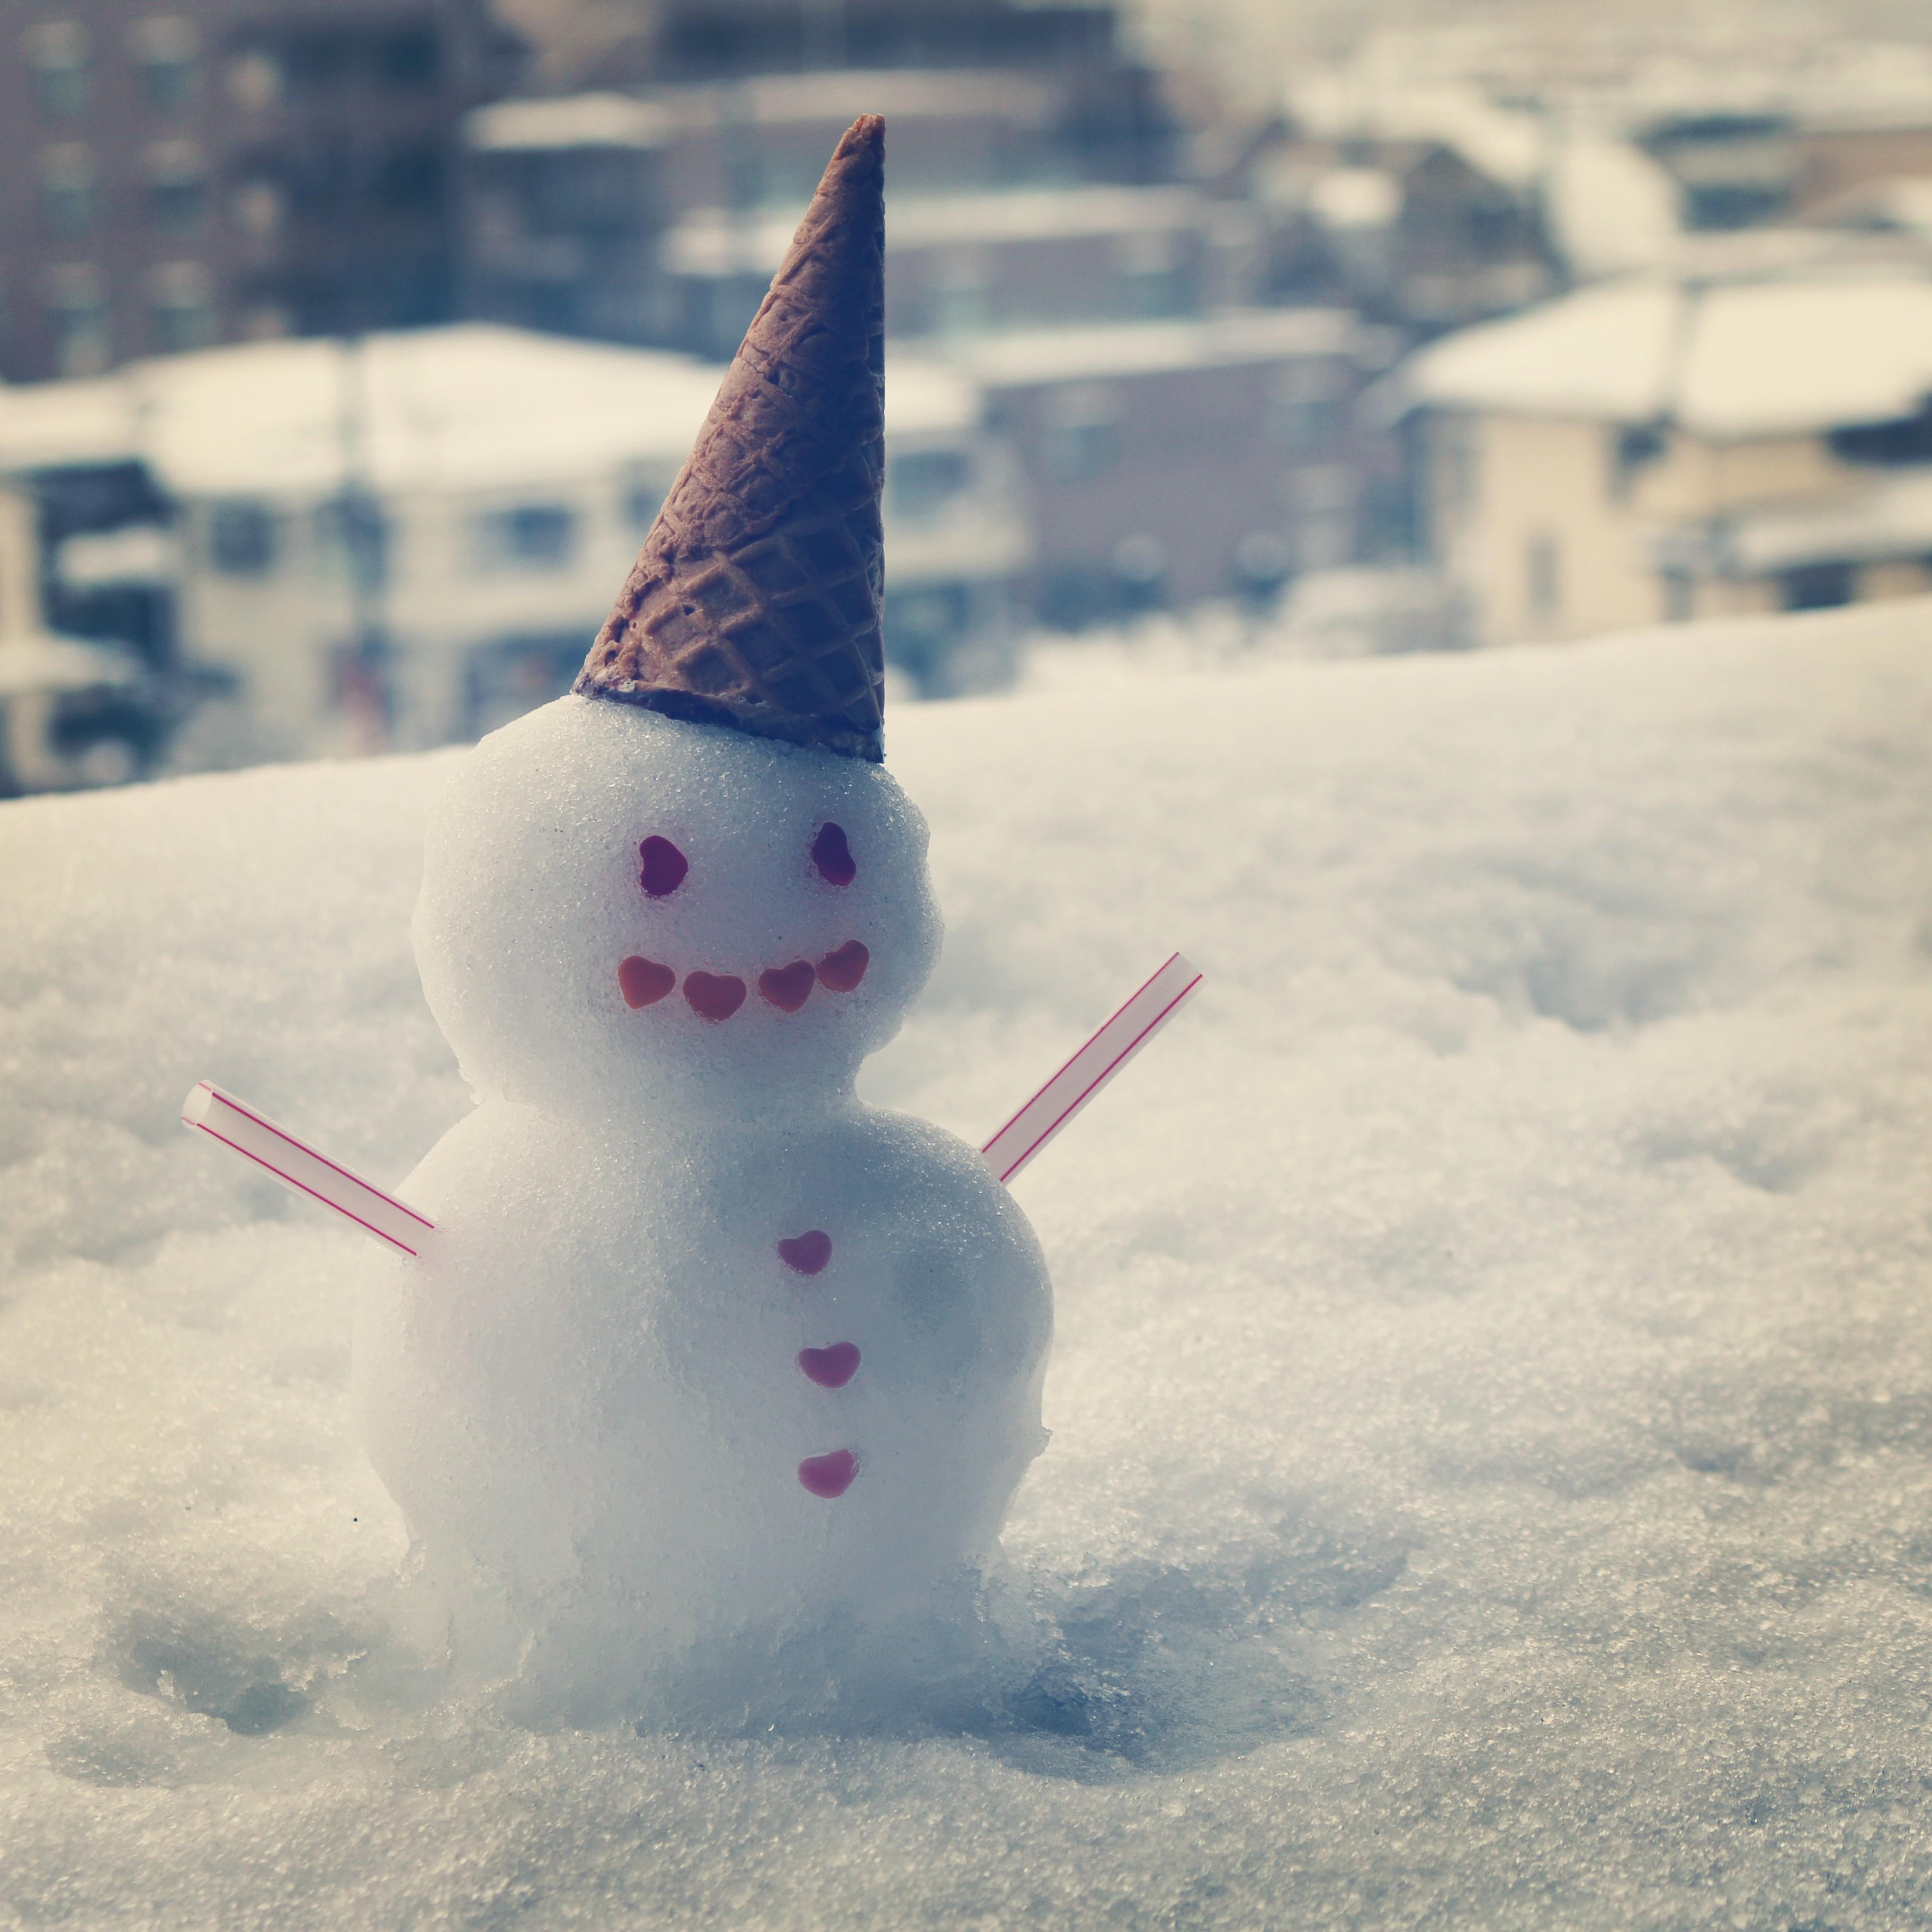 寒い冬に!冷えてるあなたは、温かい朝食を!